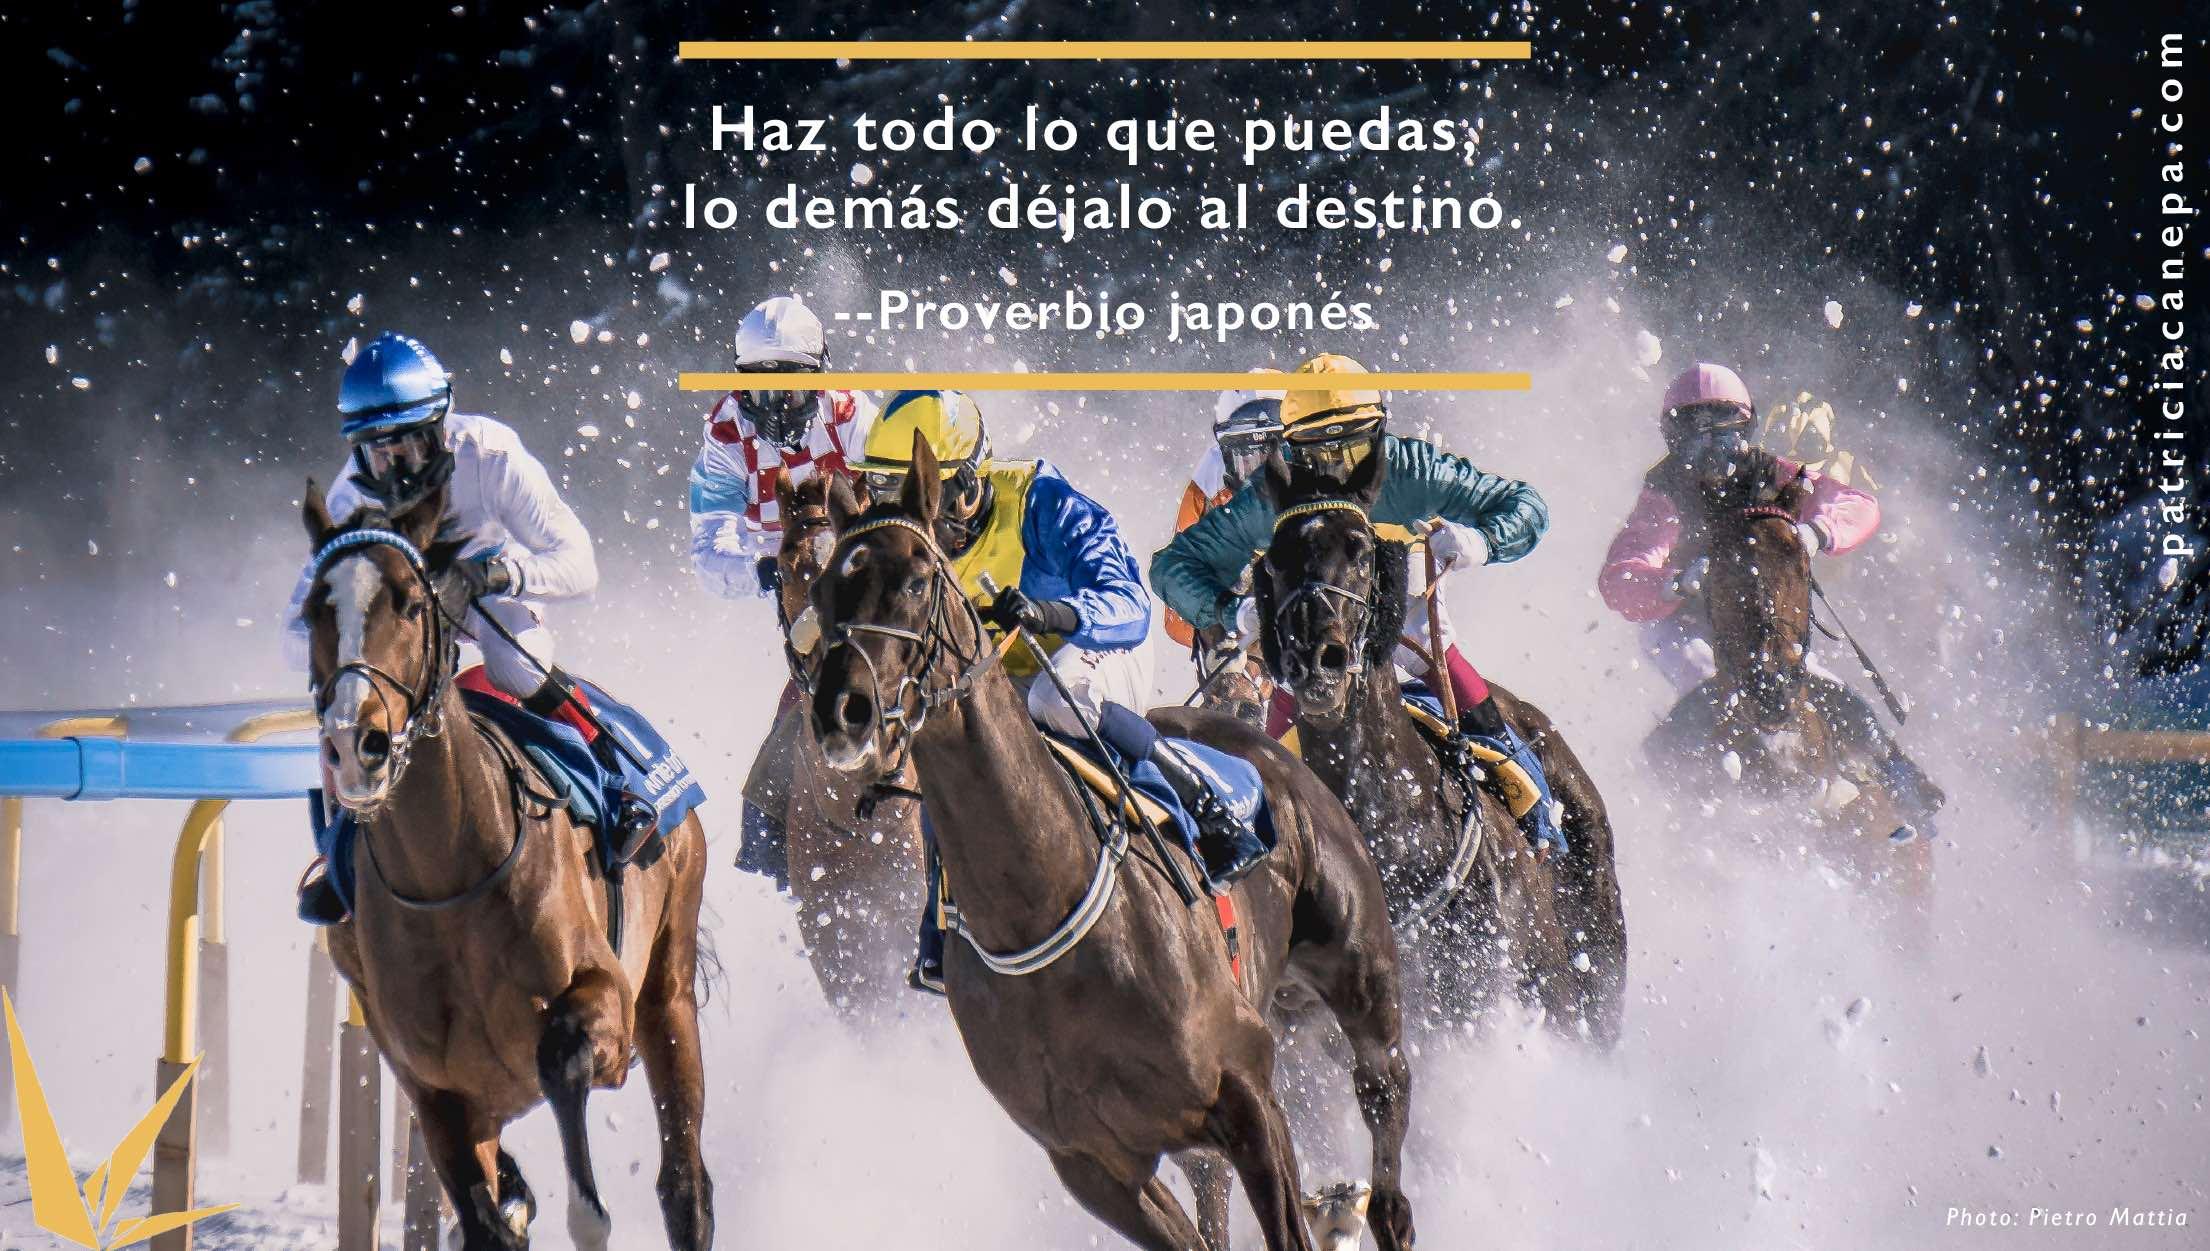 Inspiración para estos tiempos - II 1 |  Patricia Cánepa | Inspiración | 29 octubre, 2020 | LHH DBM Perú